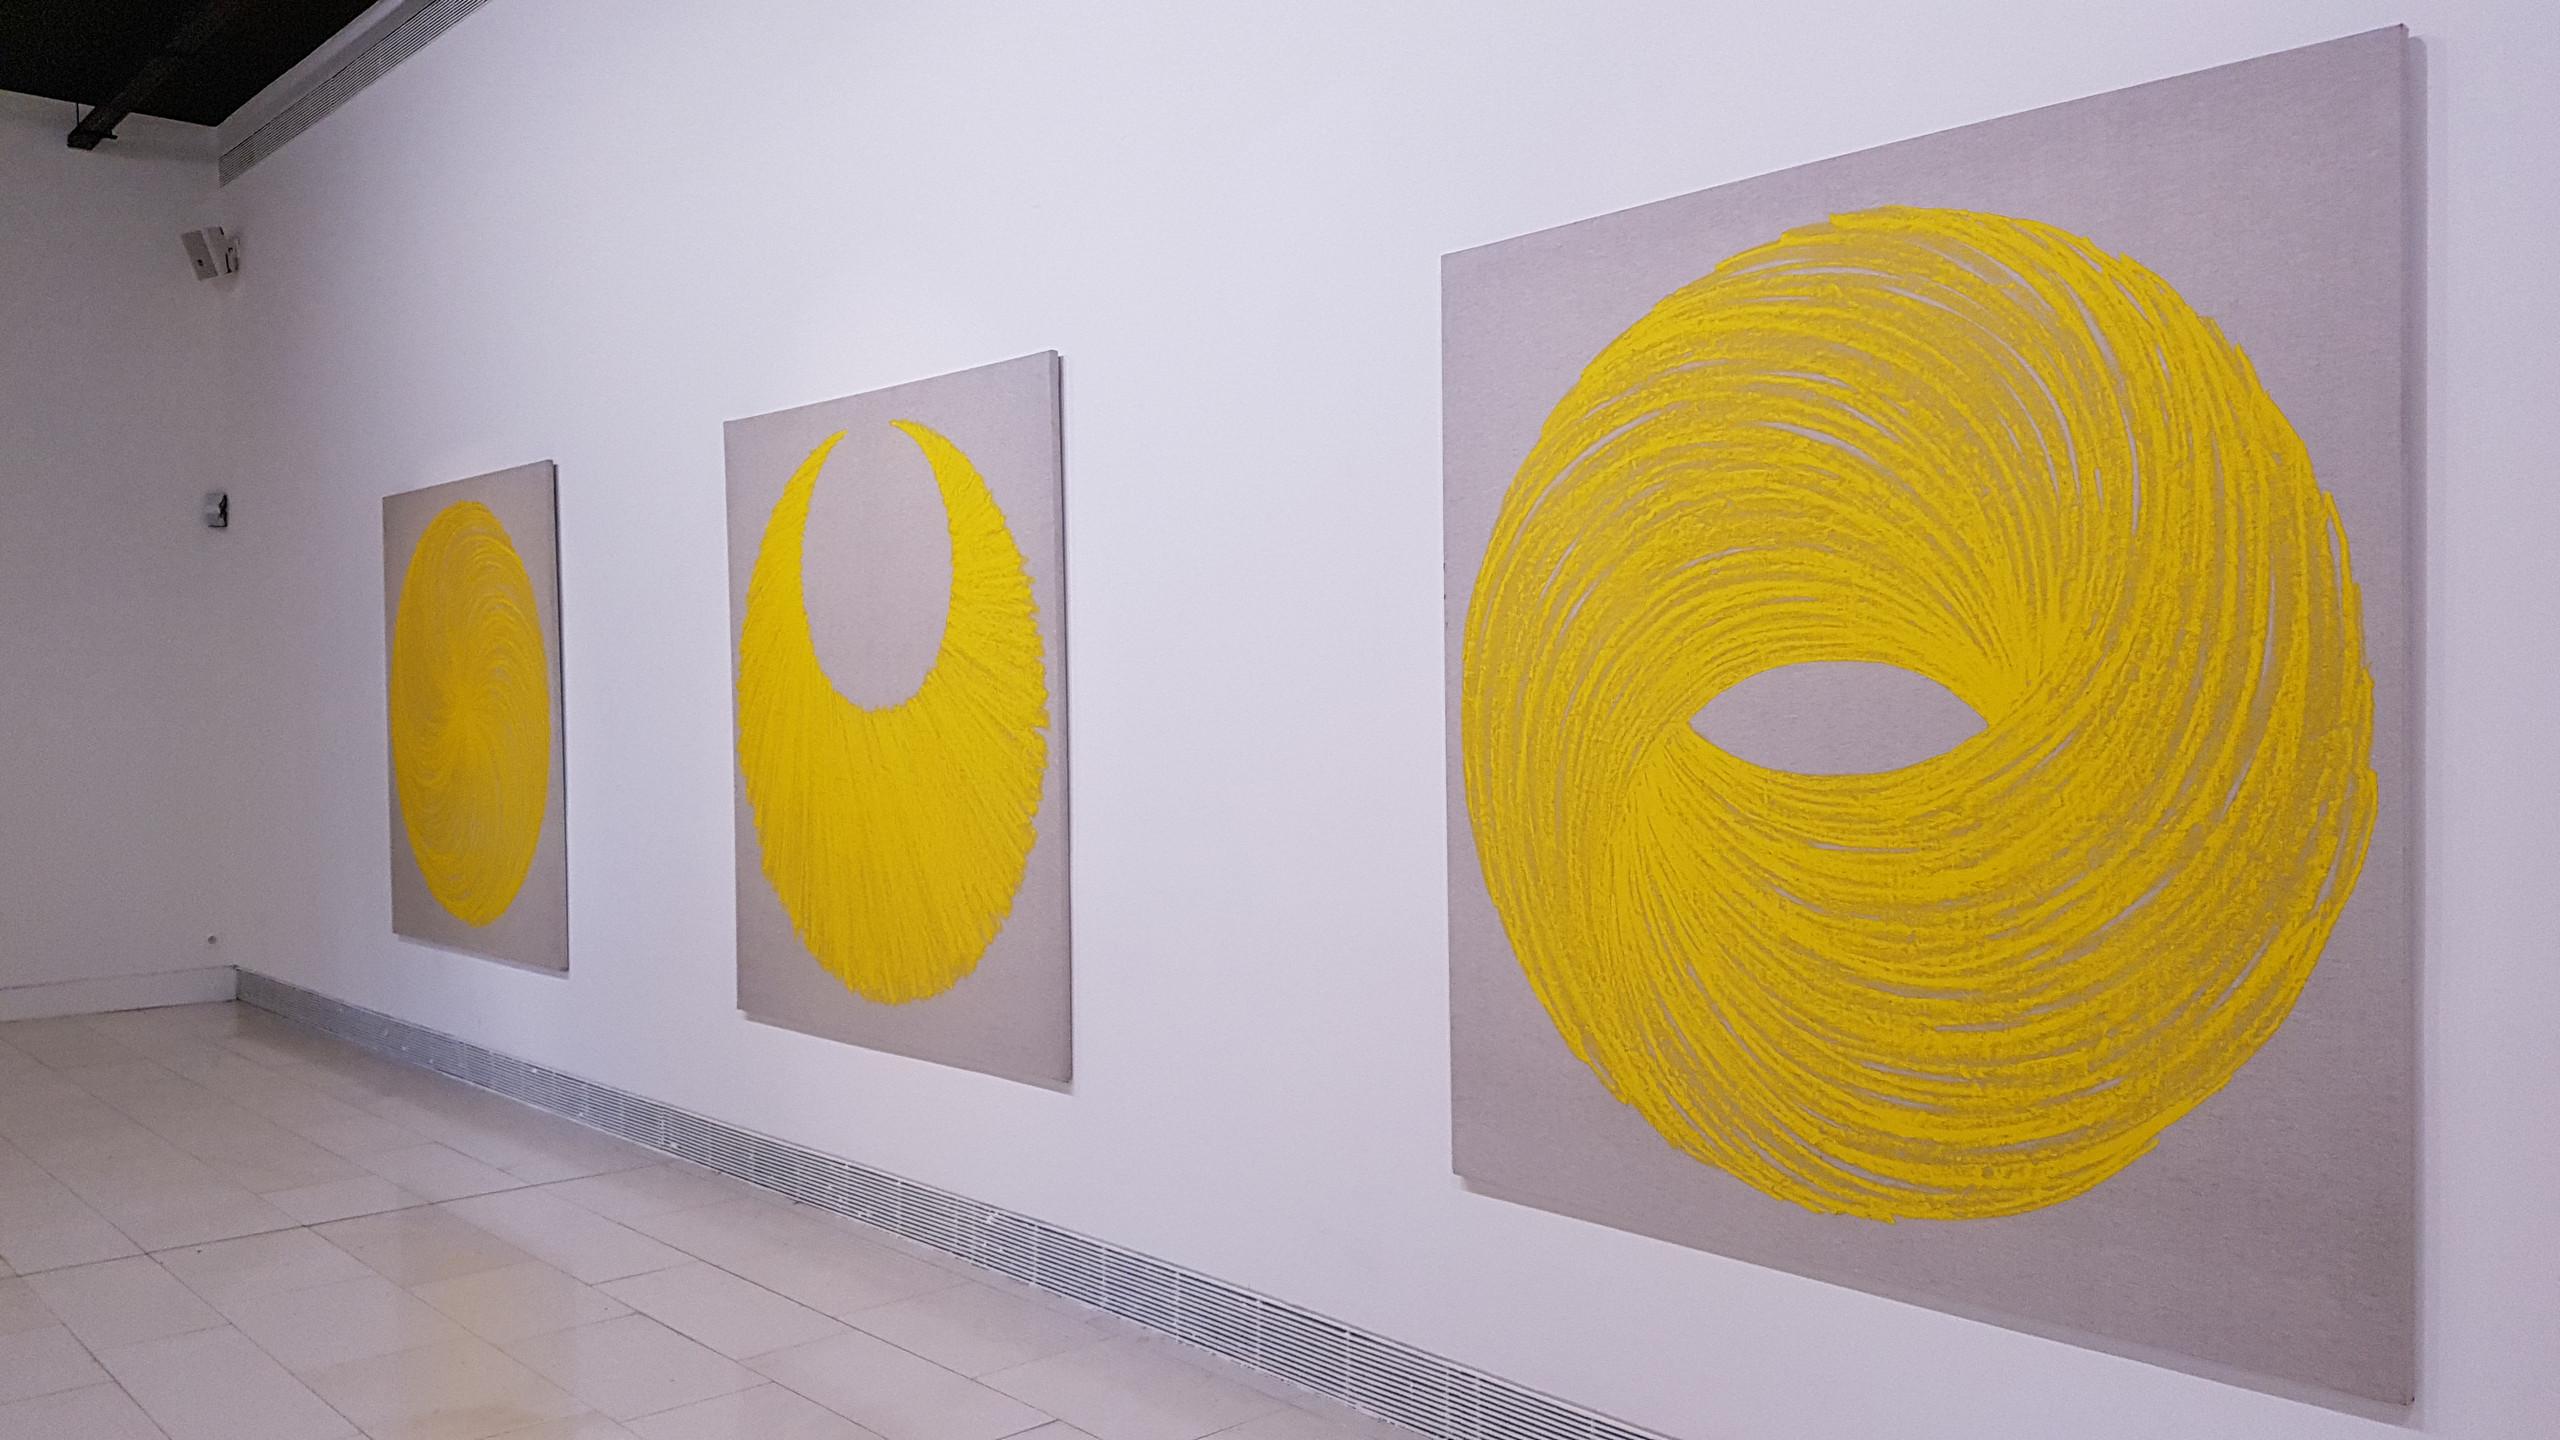 Peintures Chaosmos (1998) entourant la peinture Astre (1998)